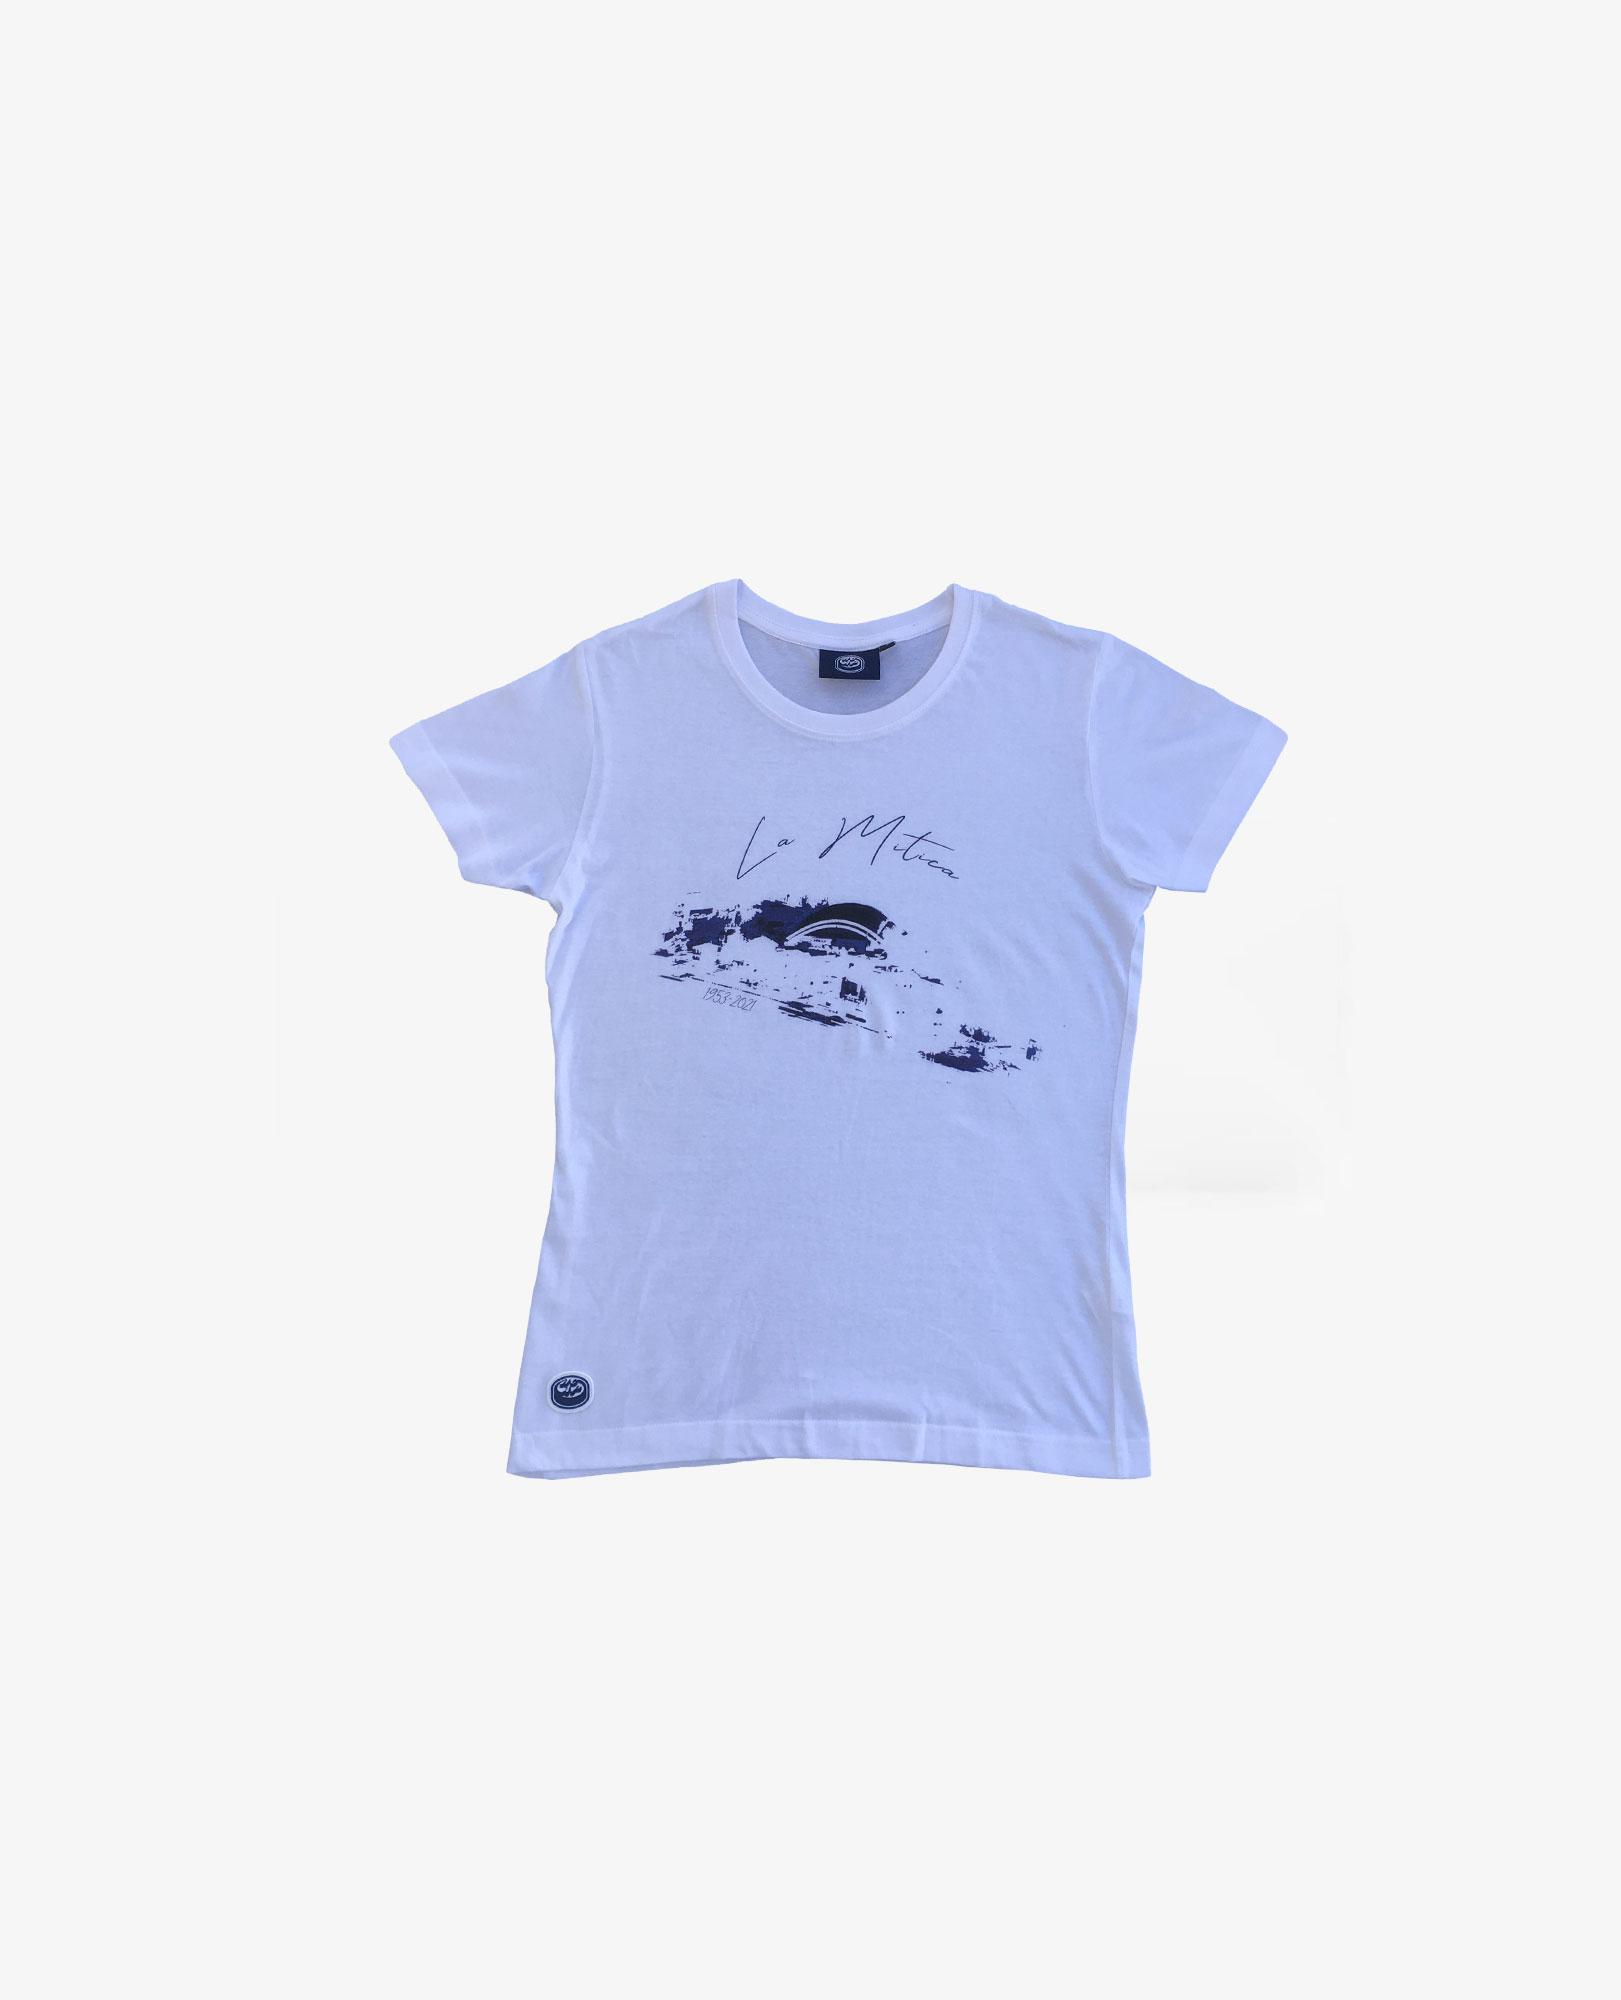 Damen-T-shirt LA MITICA